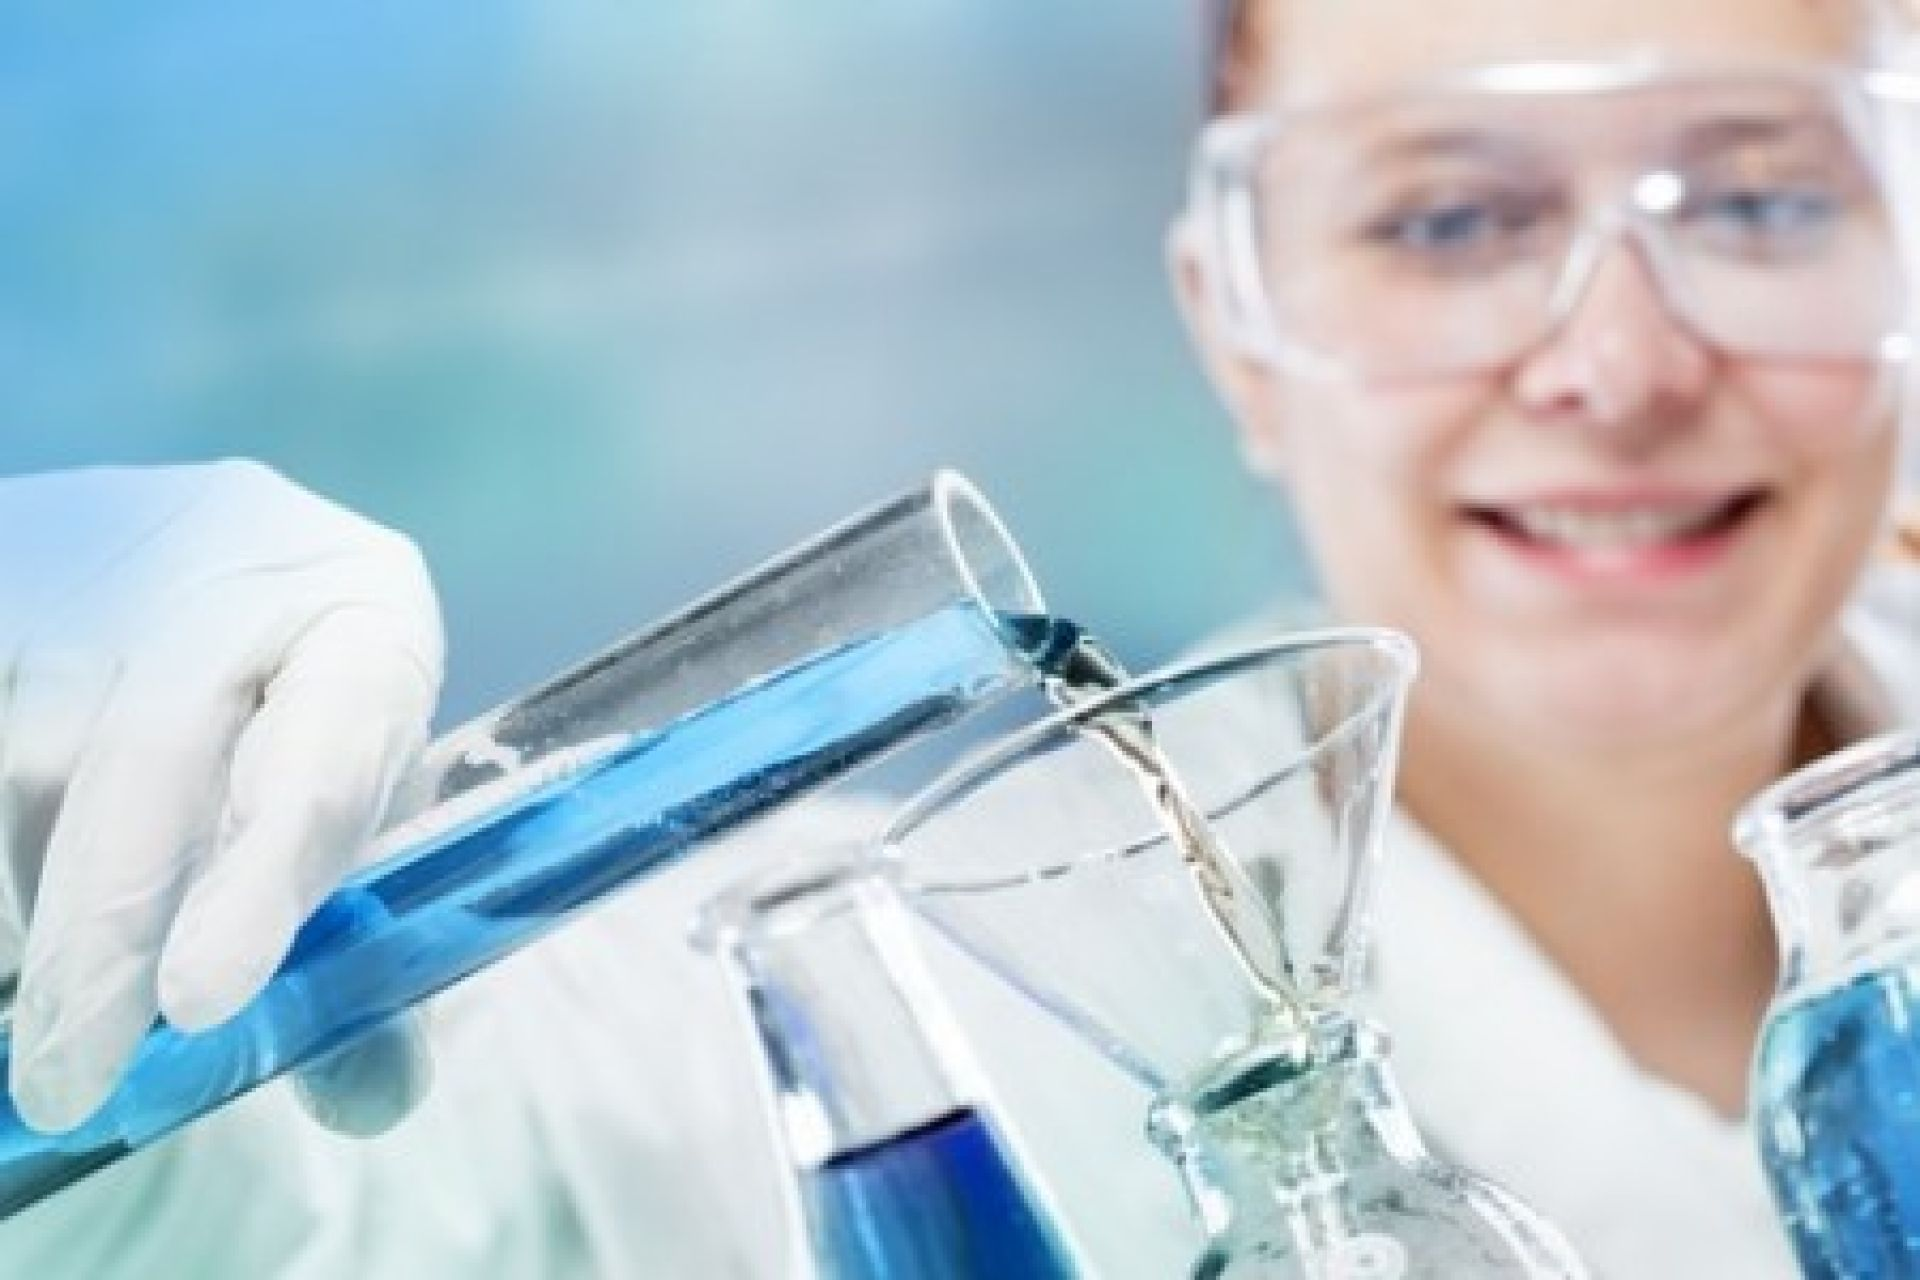 Curso Técnico em Química em Porto Alegre | Factum Graduação e Cursos Técnicos